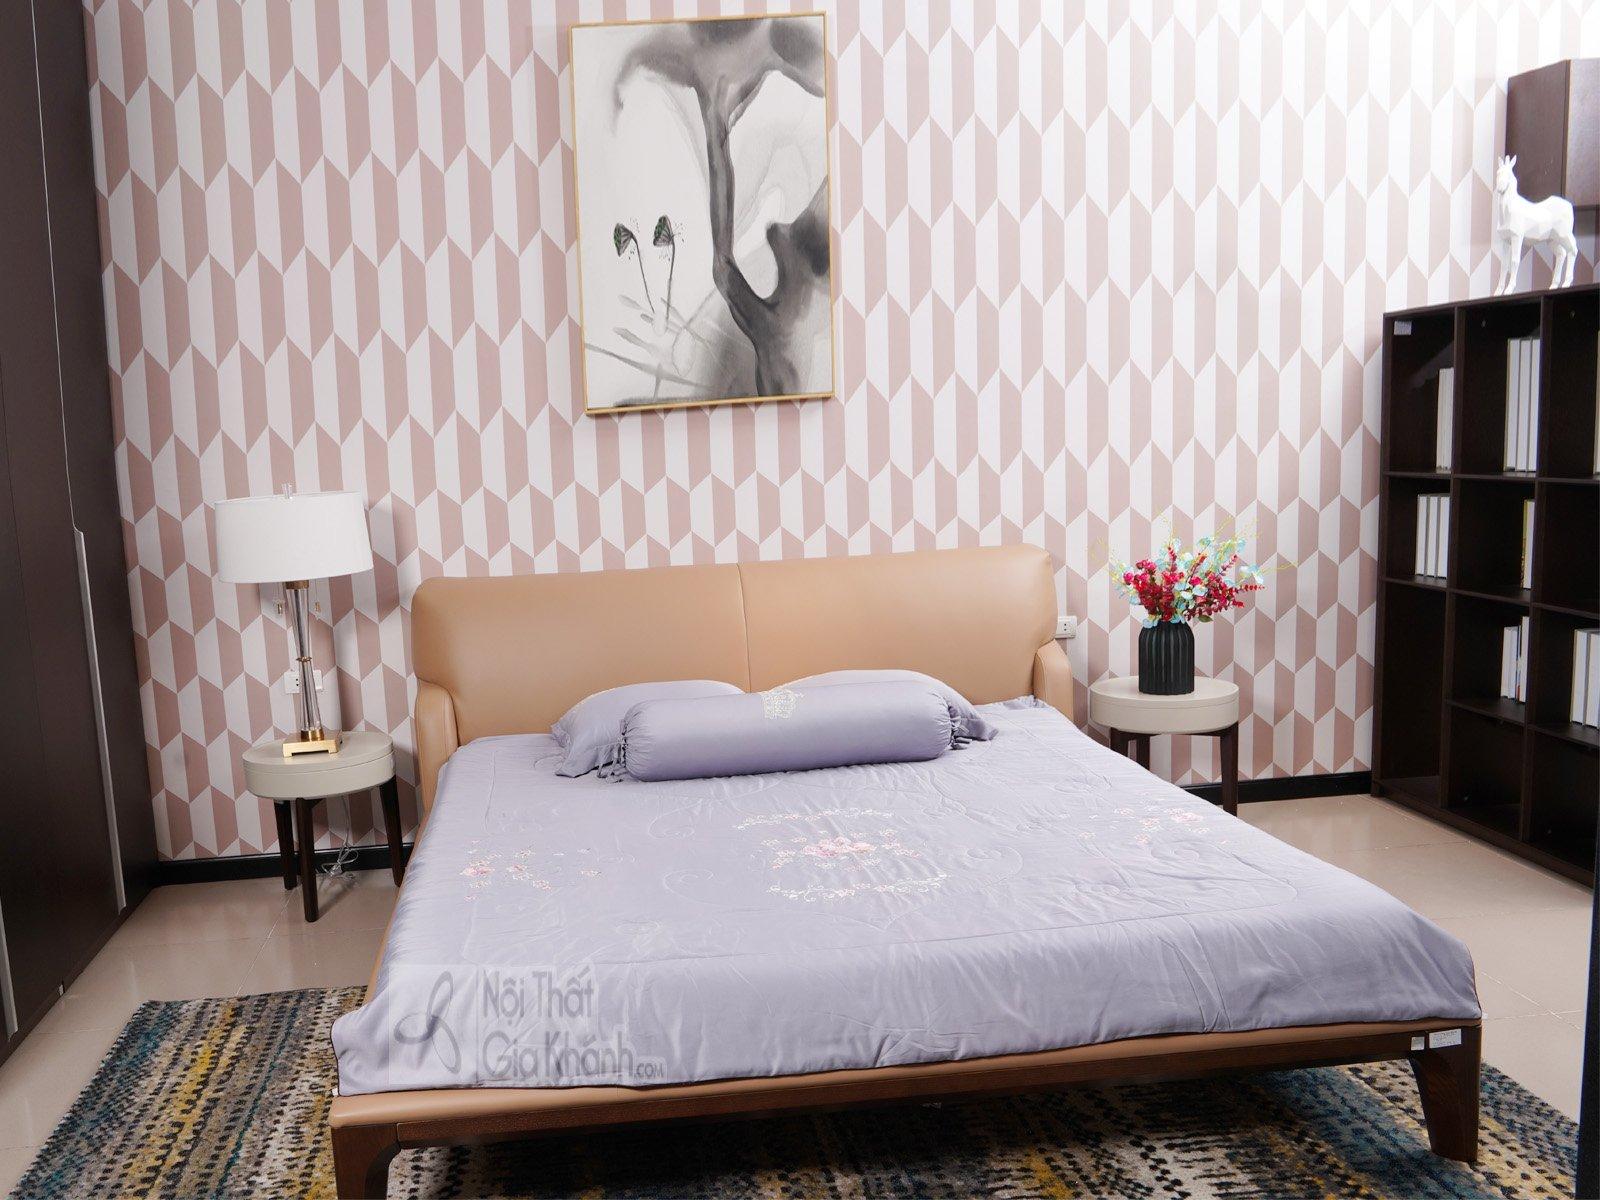 giuong ngu 1805AL - Tủ để đầu giường đơn giản hiện đại TA1805